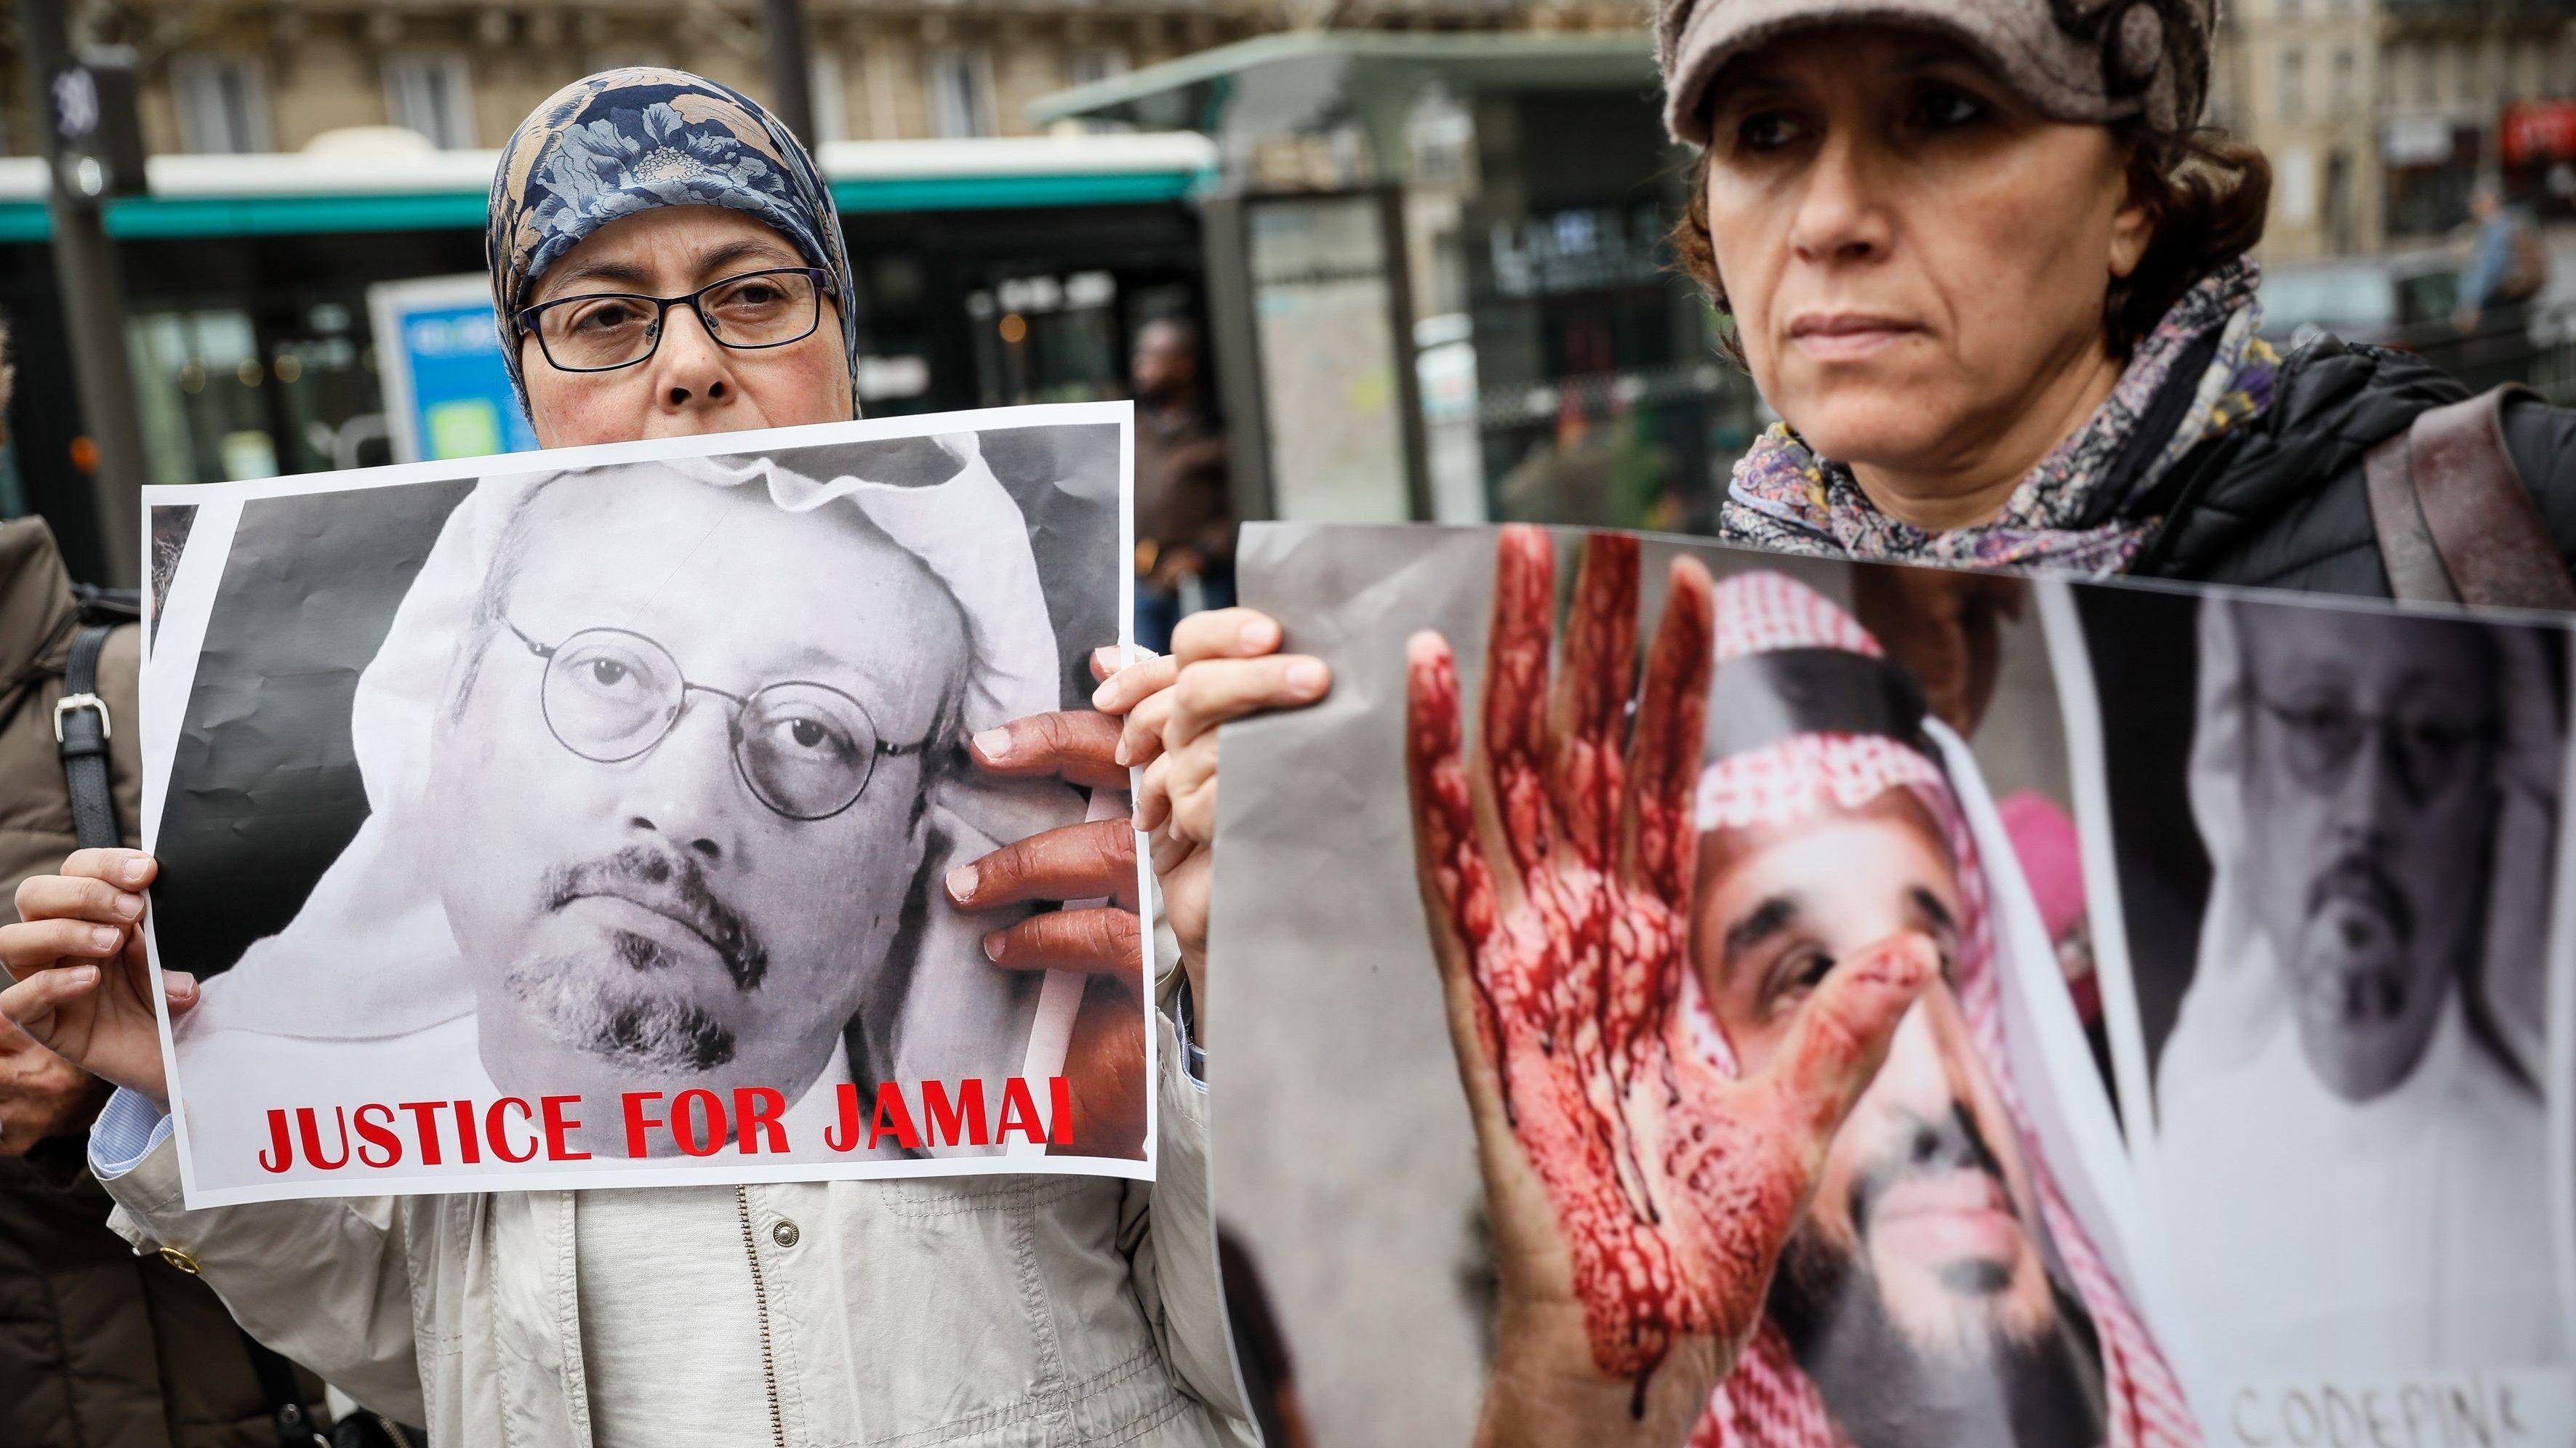 Kundgebung vor der saudischen Botschaft in Paris